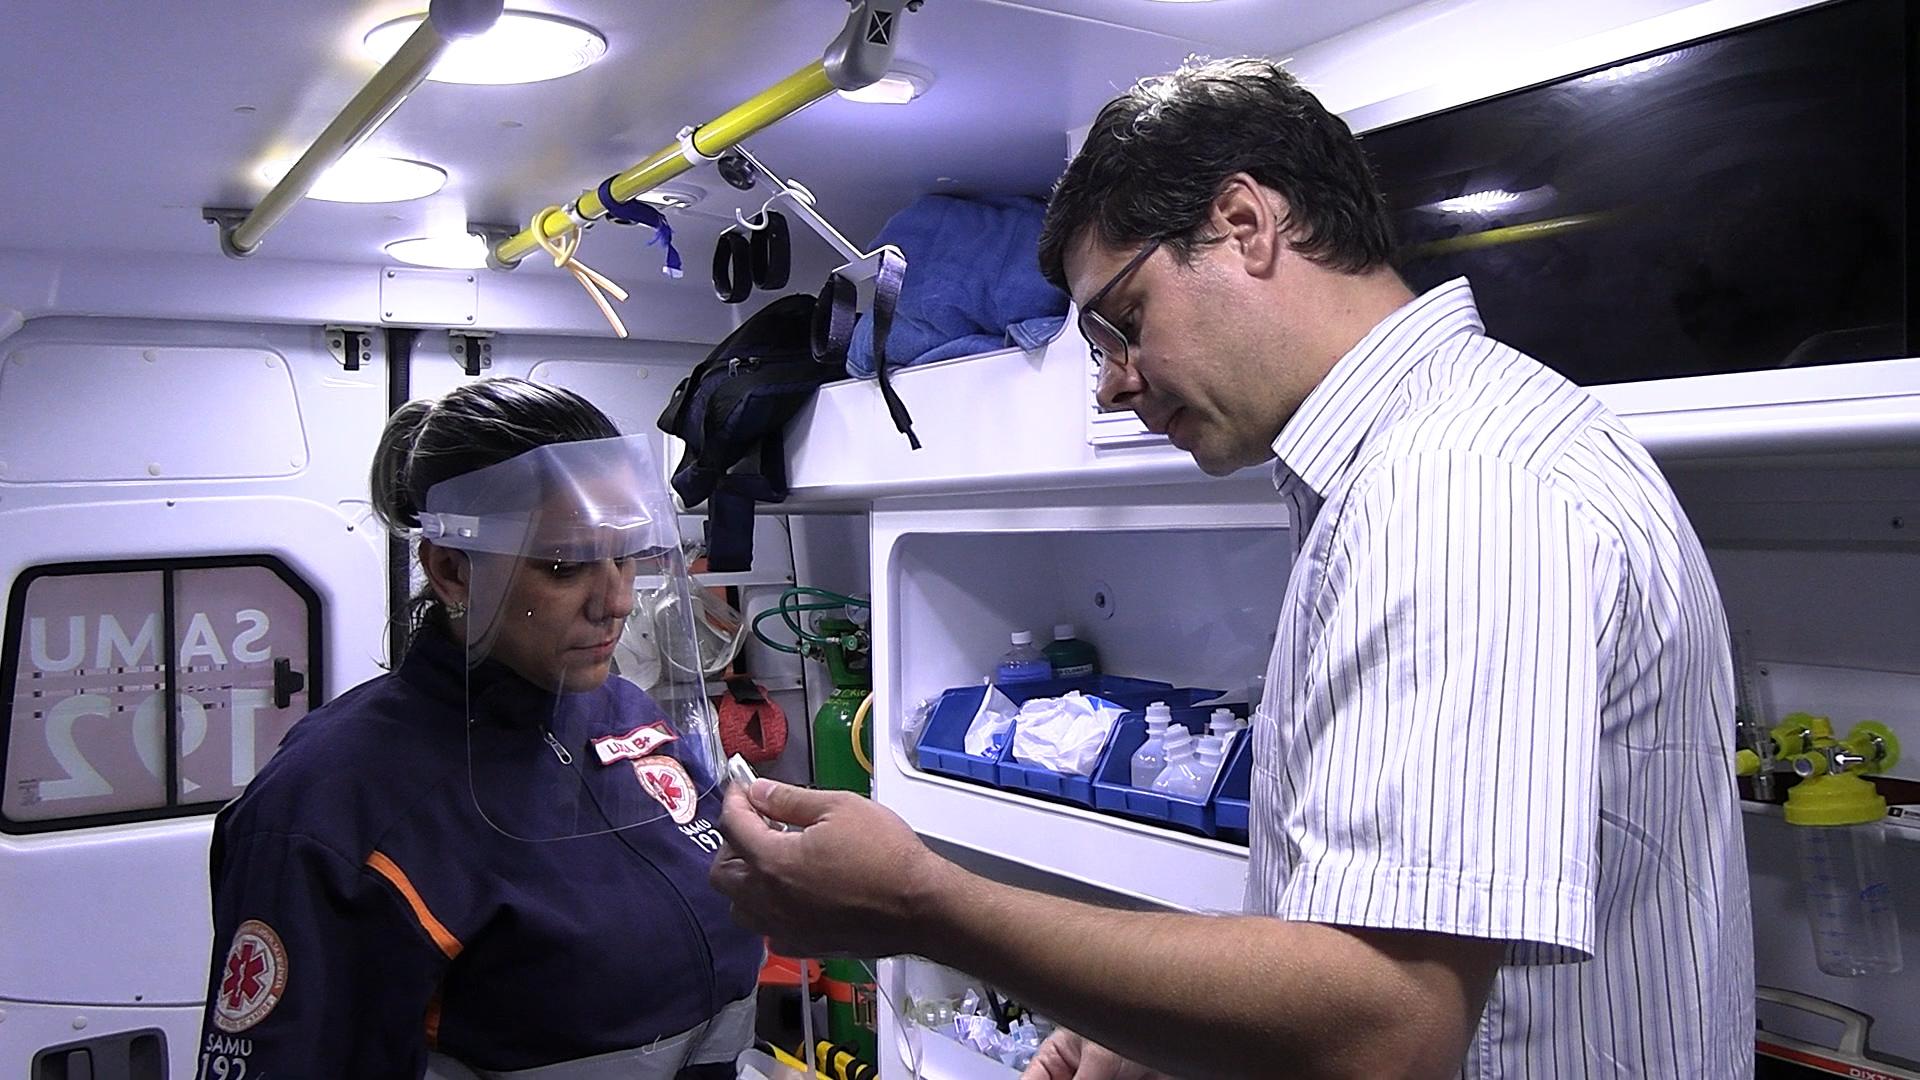 Protetores faciais desenvolvidos pela Unesc foram entregues aos profissionais do SAMU